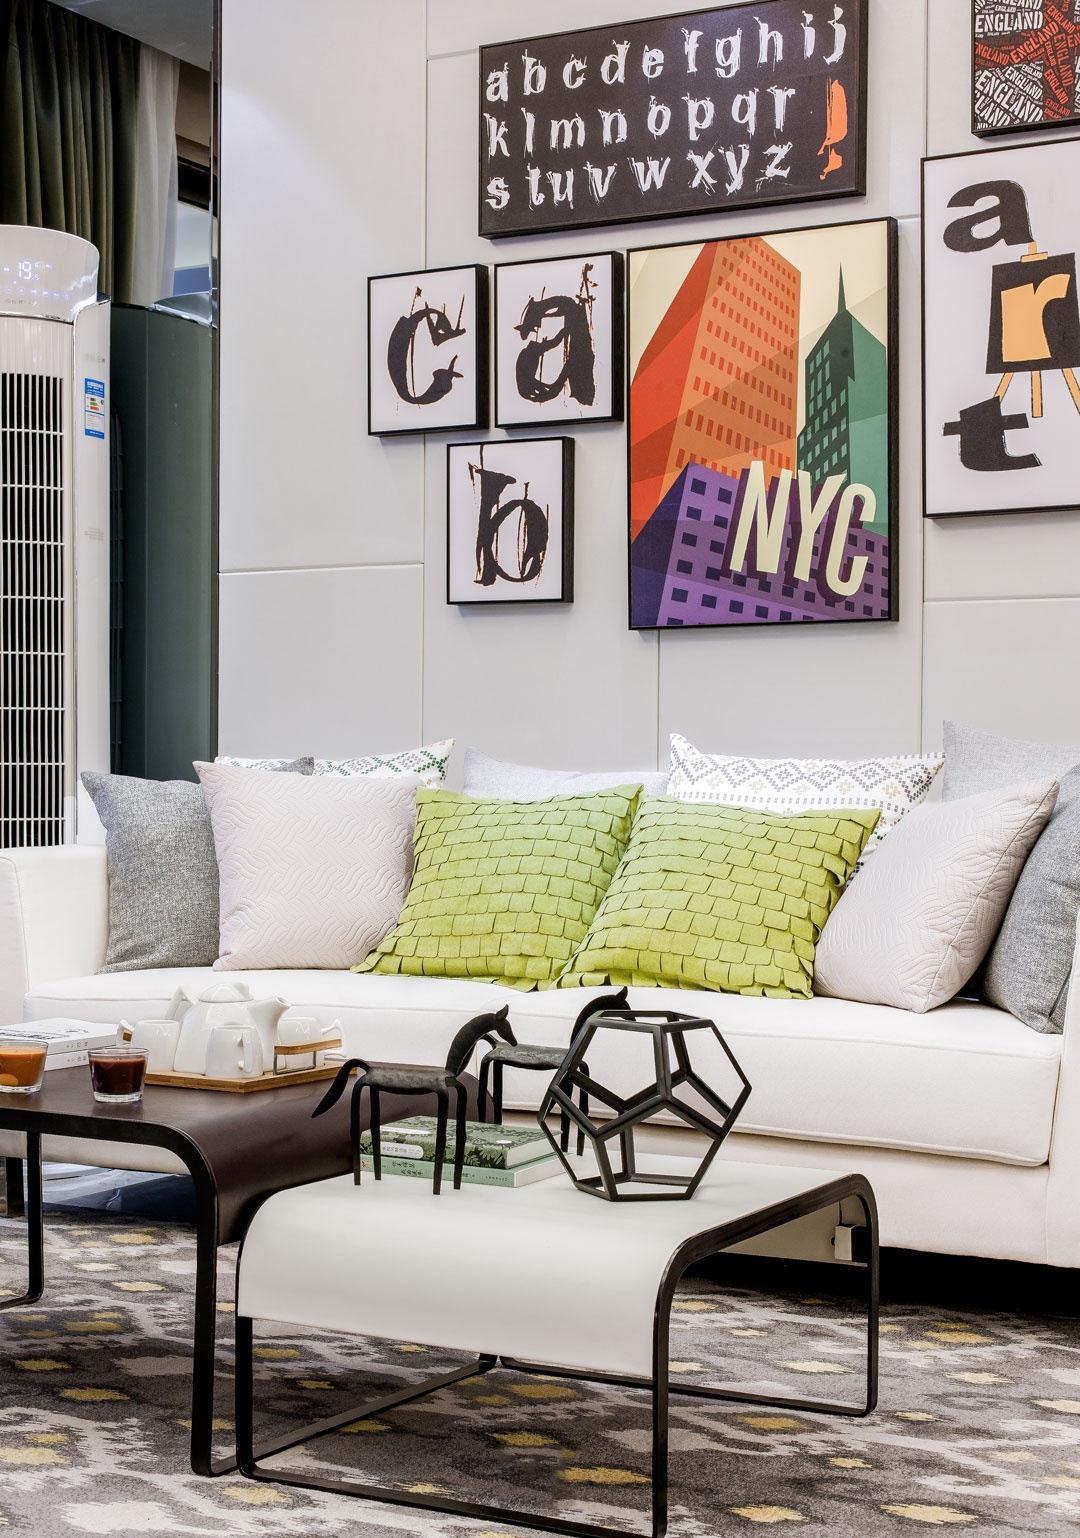 家装时尚简约沙发靠垫装饰